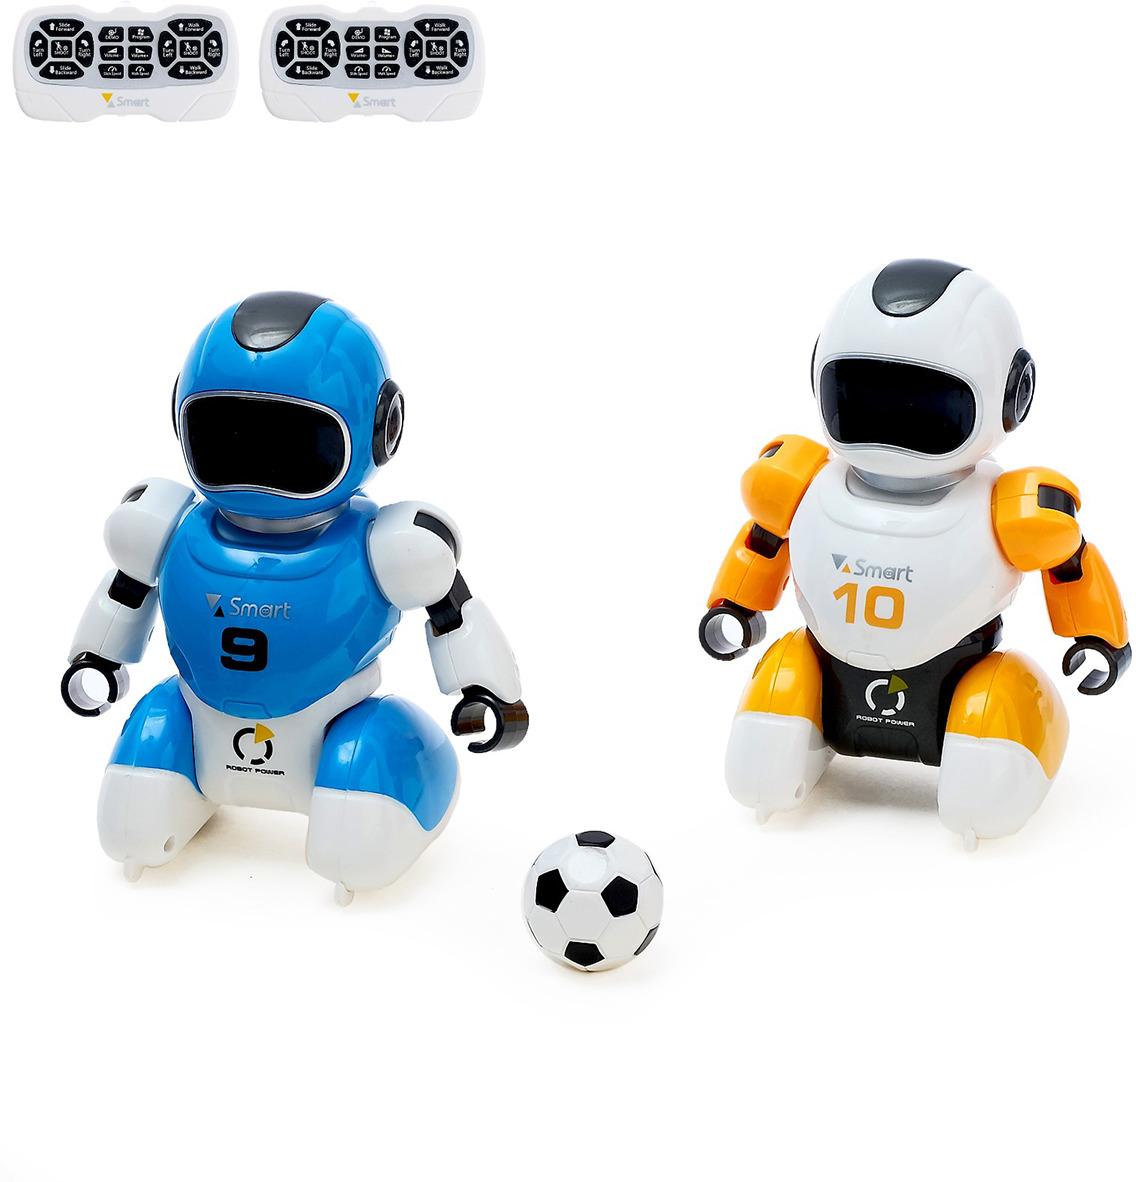 Робот Футбольный матч, 4000092 роботы education line roboblock робот герой xl 89 элементов